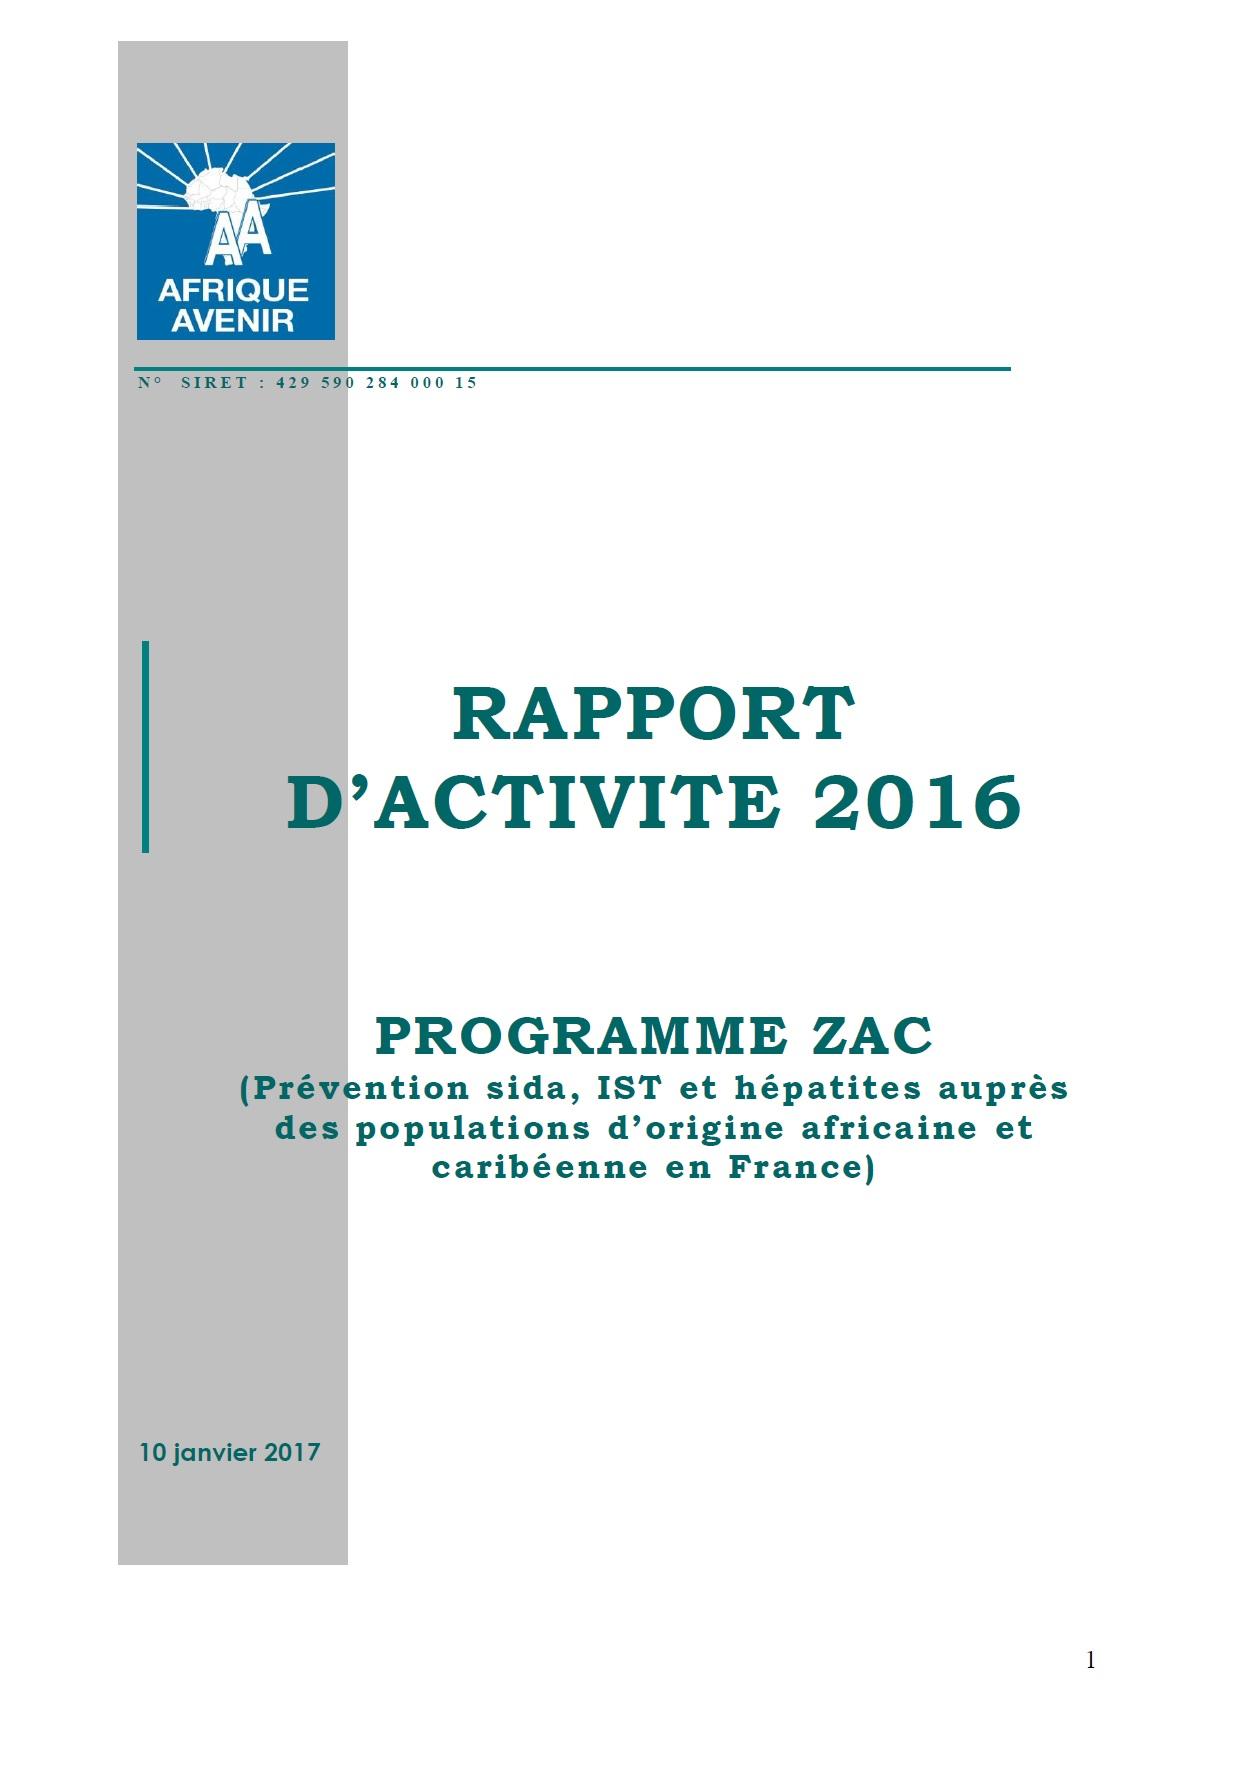 RAPPORT D'ACTIVITE 2016